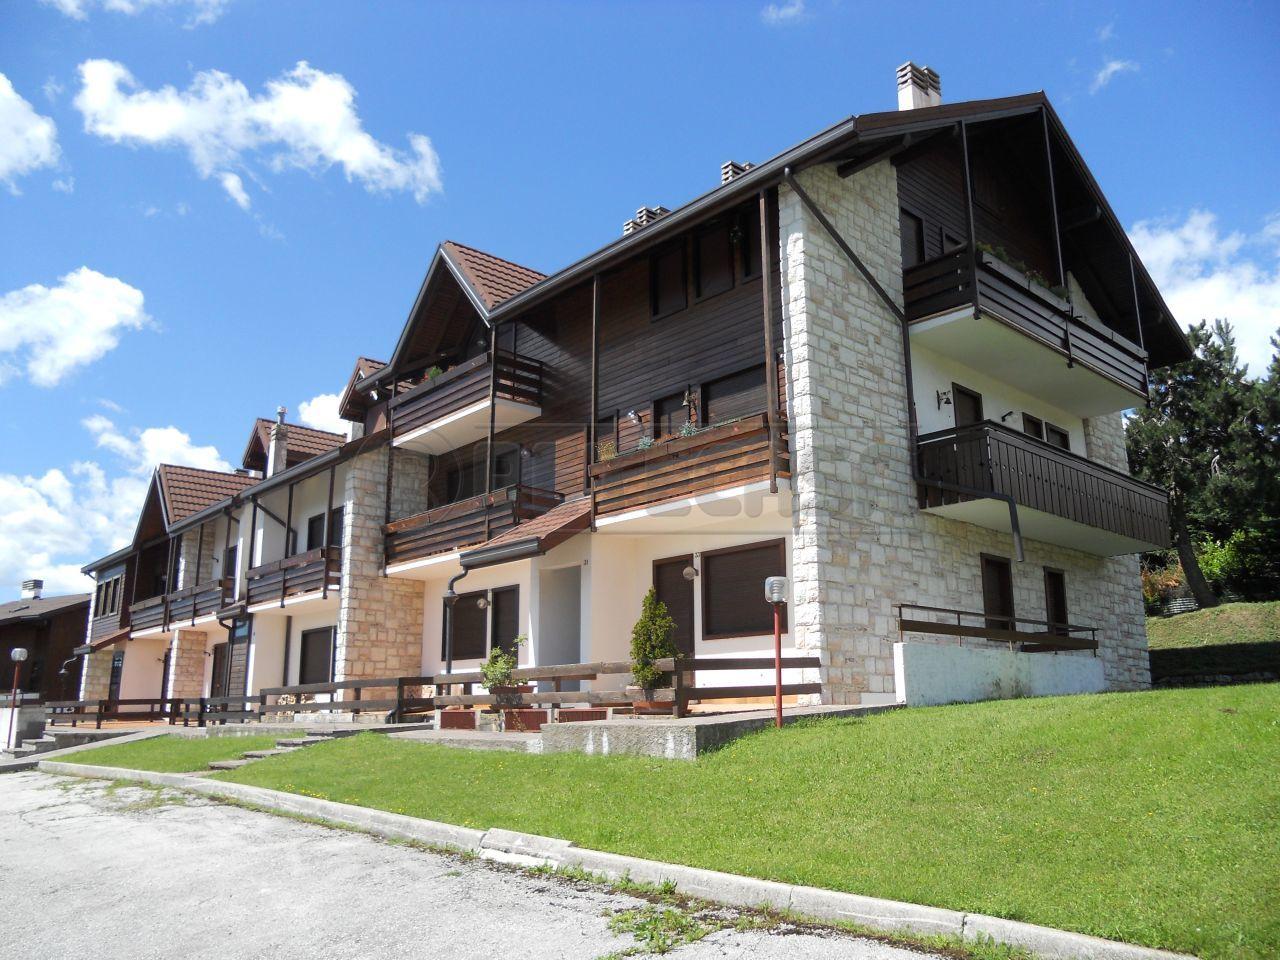 Appartamento in vendita a Gallio, 5 locali, prezzo € 198.000 | CambioCasa.it